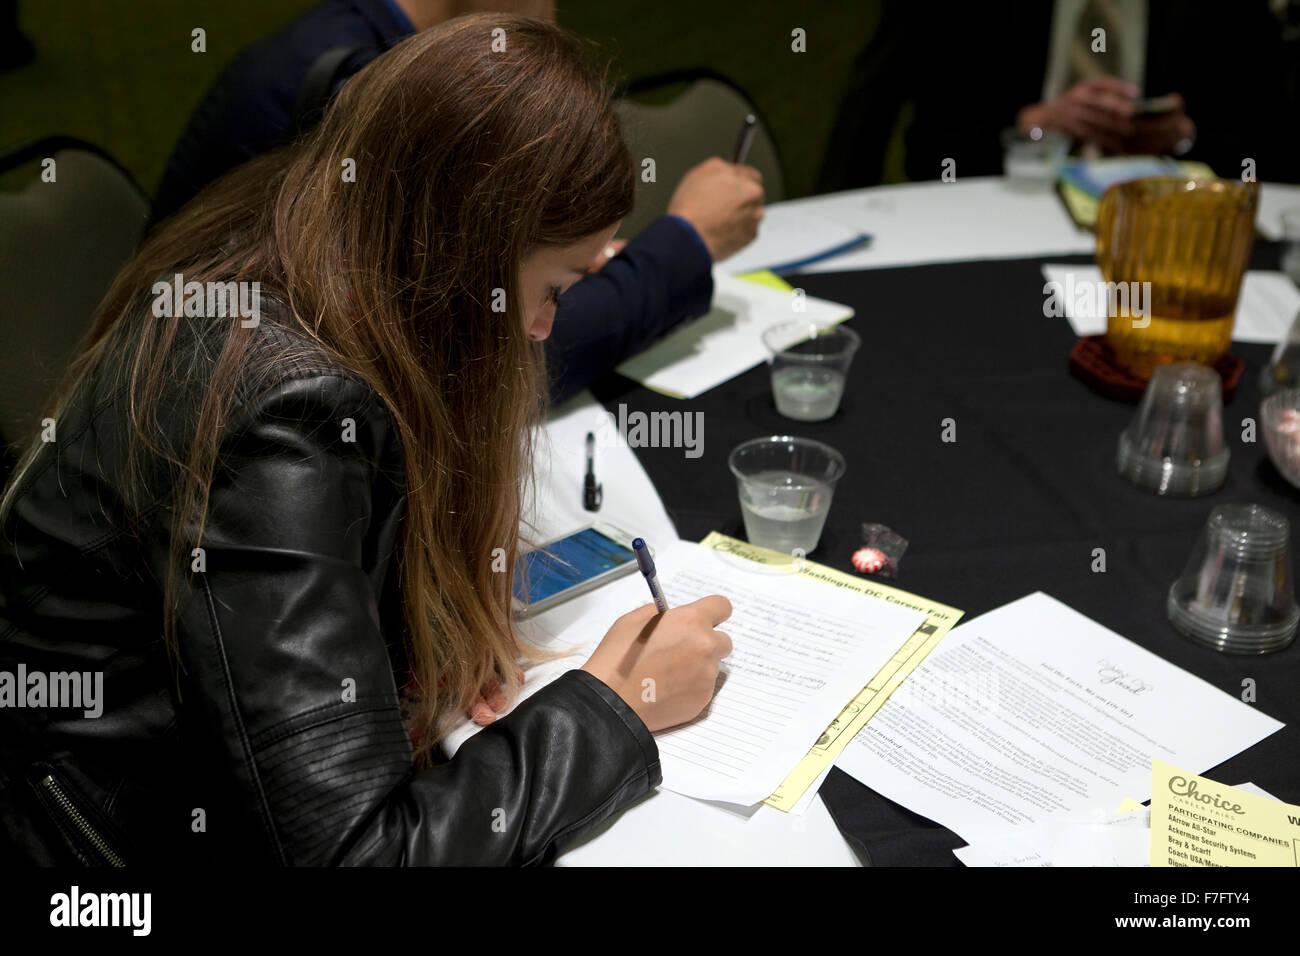 Mujer joven rellenando una solicitud en la contratación justos - Arlington, Virginia, EE.UU. Imagen De Stock